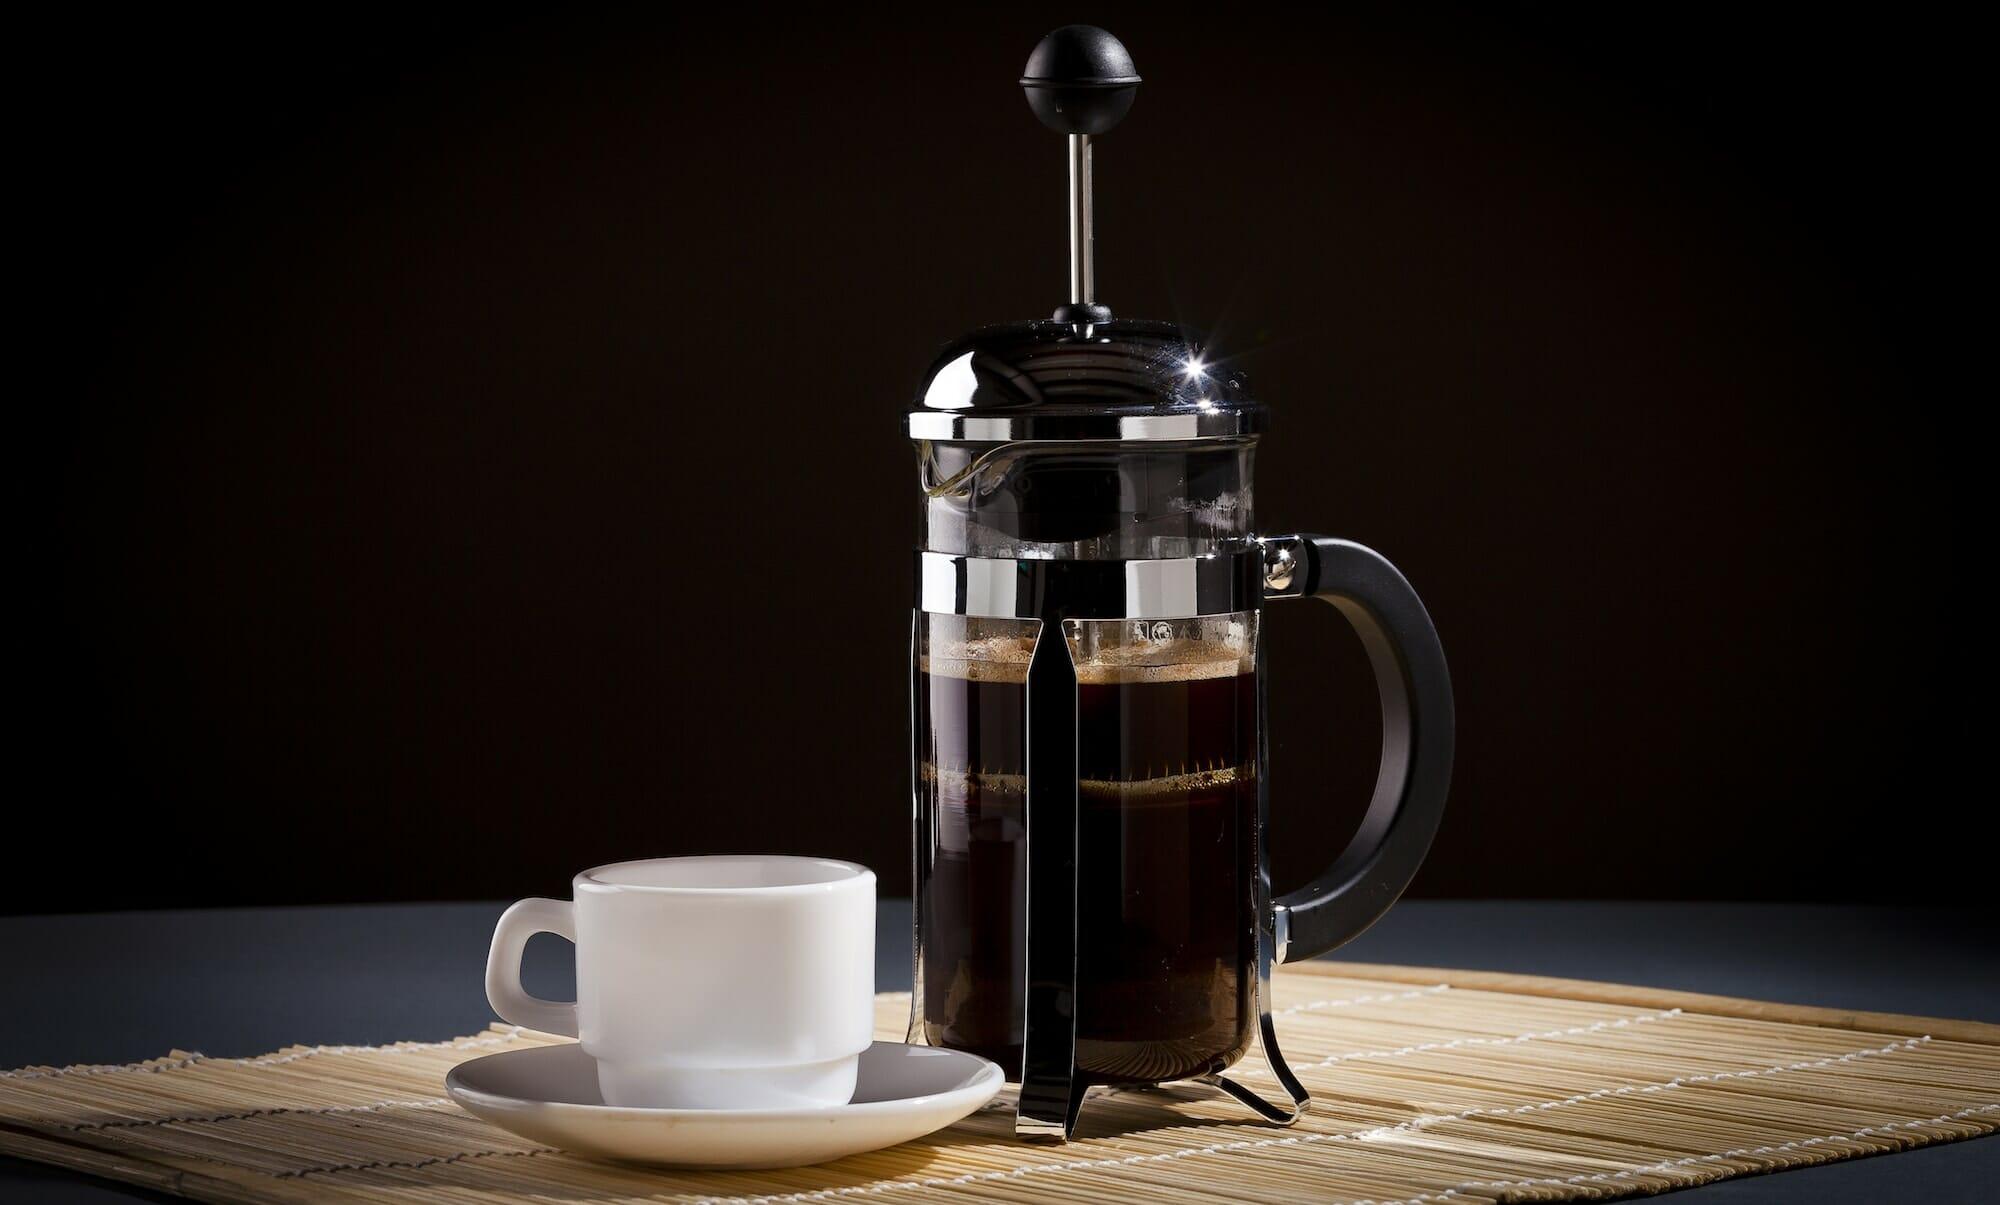 French Press Koffie maken